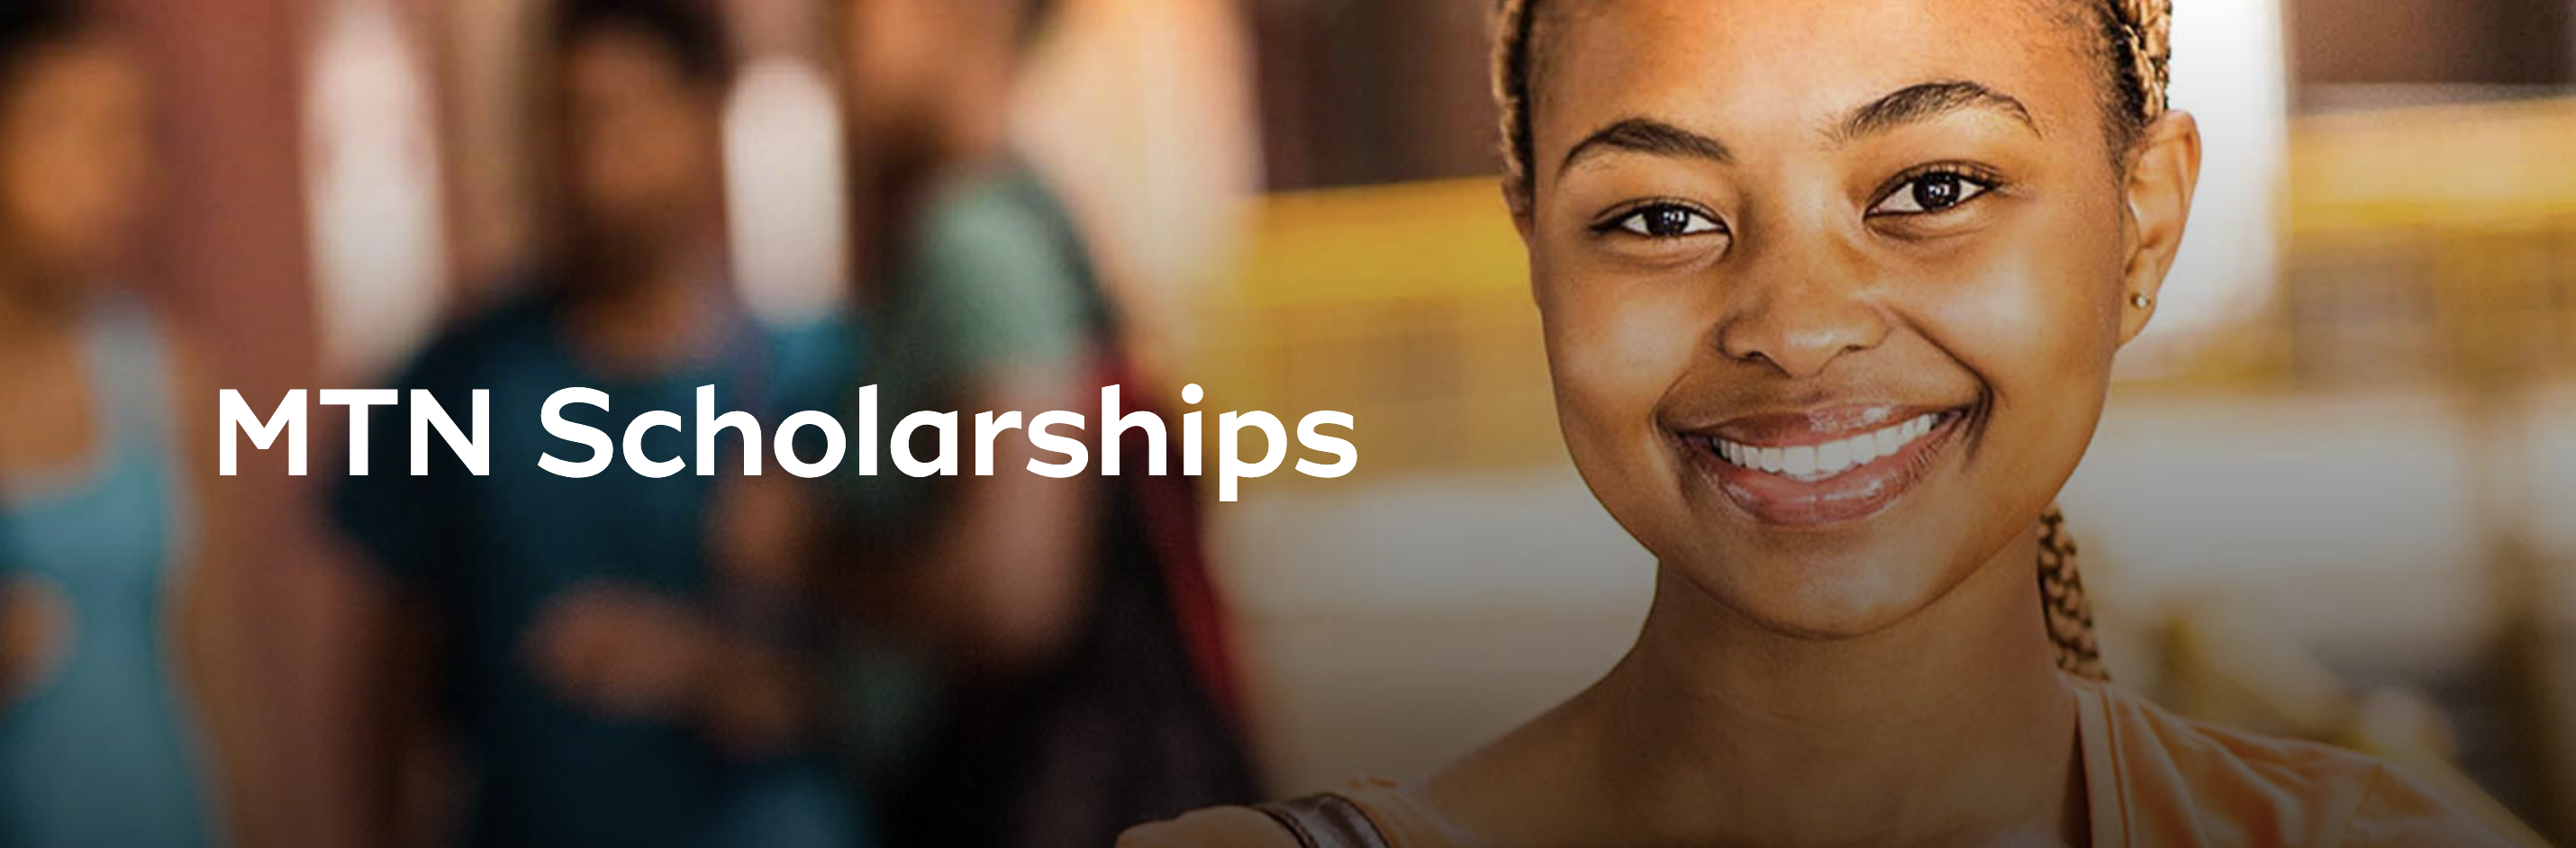 MTN Foundation Stipendium 2020/2021 für 200L nigerianische Studenten